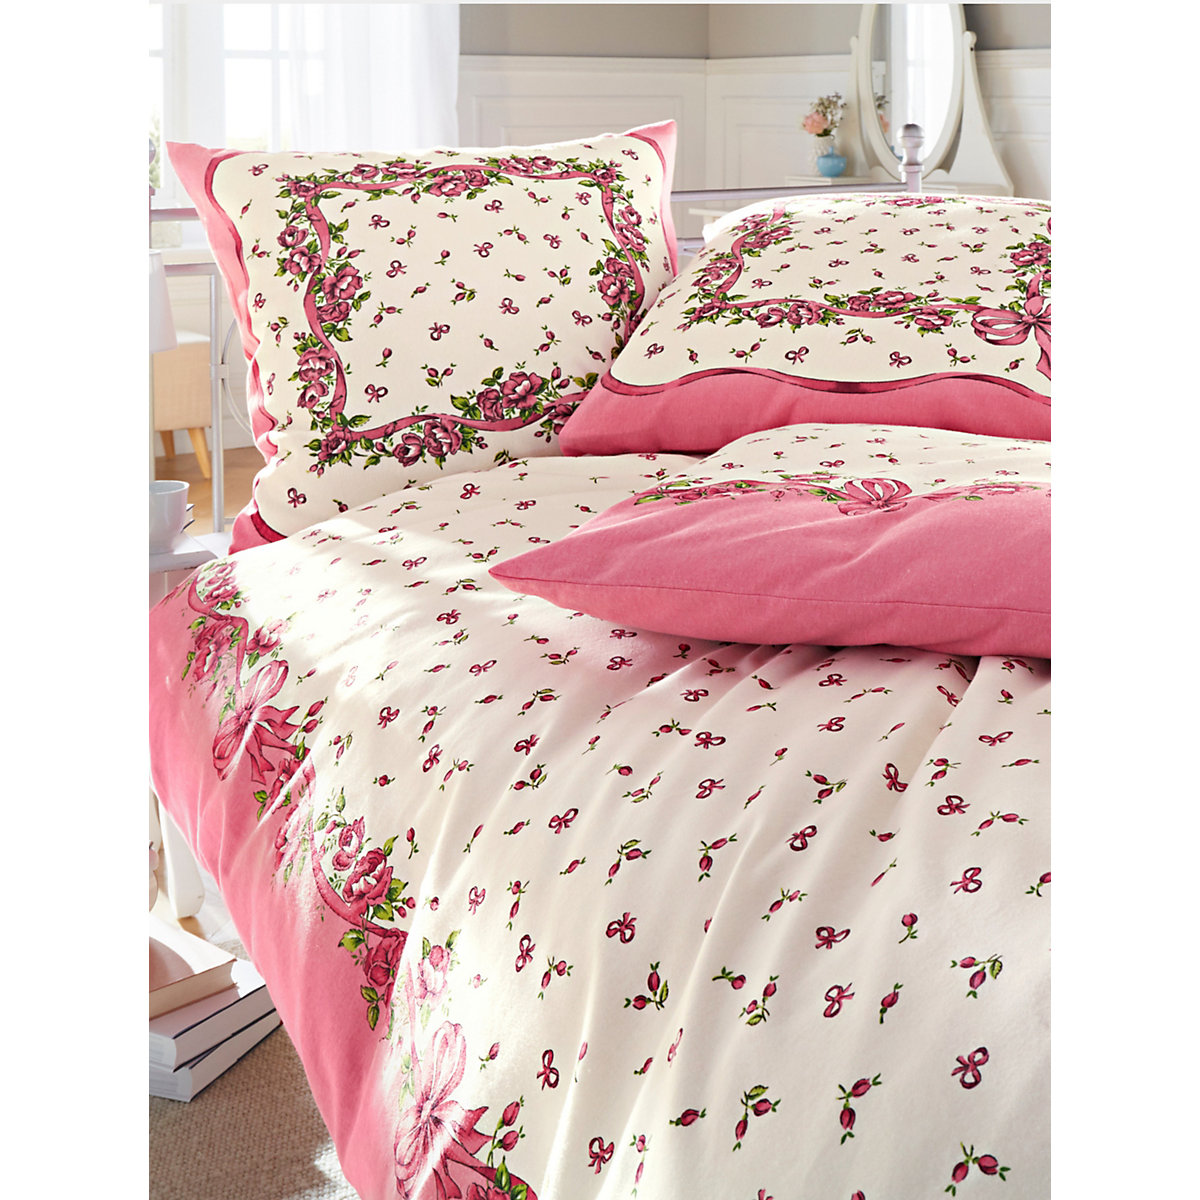 4tlg set biber bettw sche rosen schleifchen 2 stk 135x200 2 stk 80x80 cm rosa webschatz. Black Bedroom Furniture Sets. Home Design Ideas